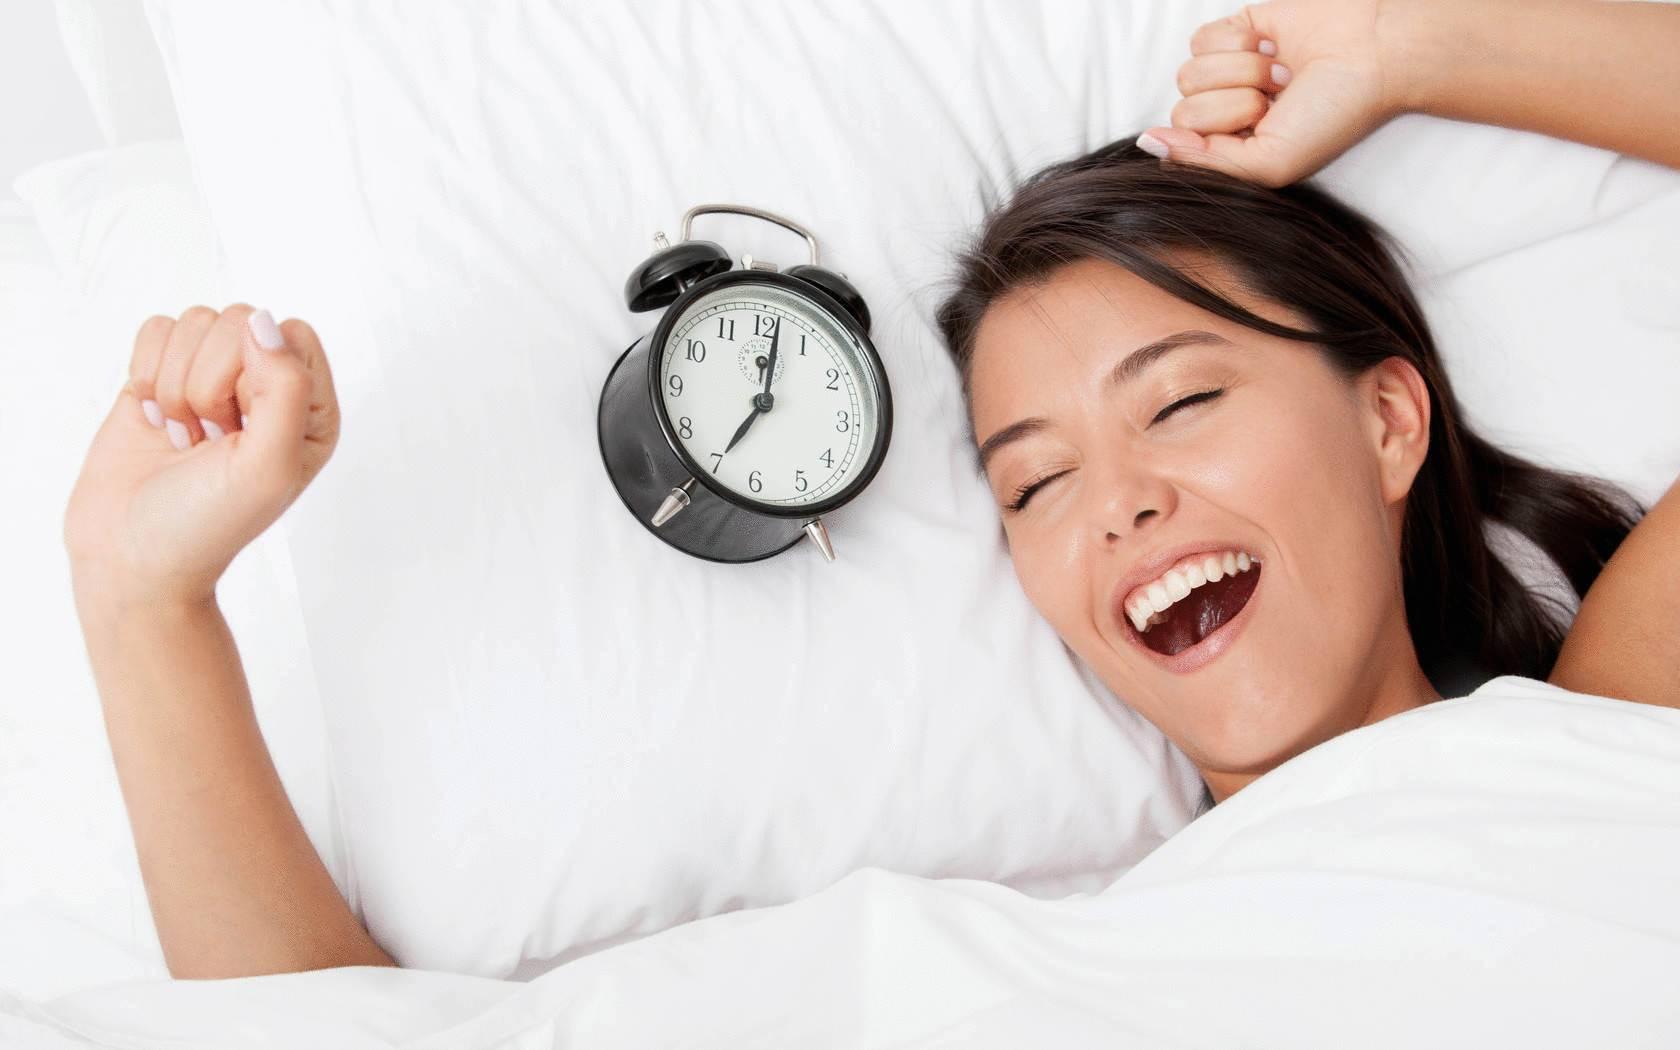 10 простых советов, как проснуться утром бодрыми — секреты кухни